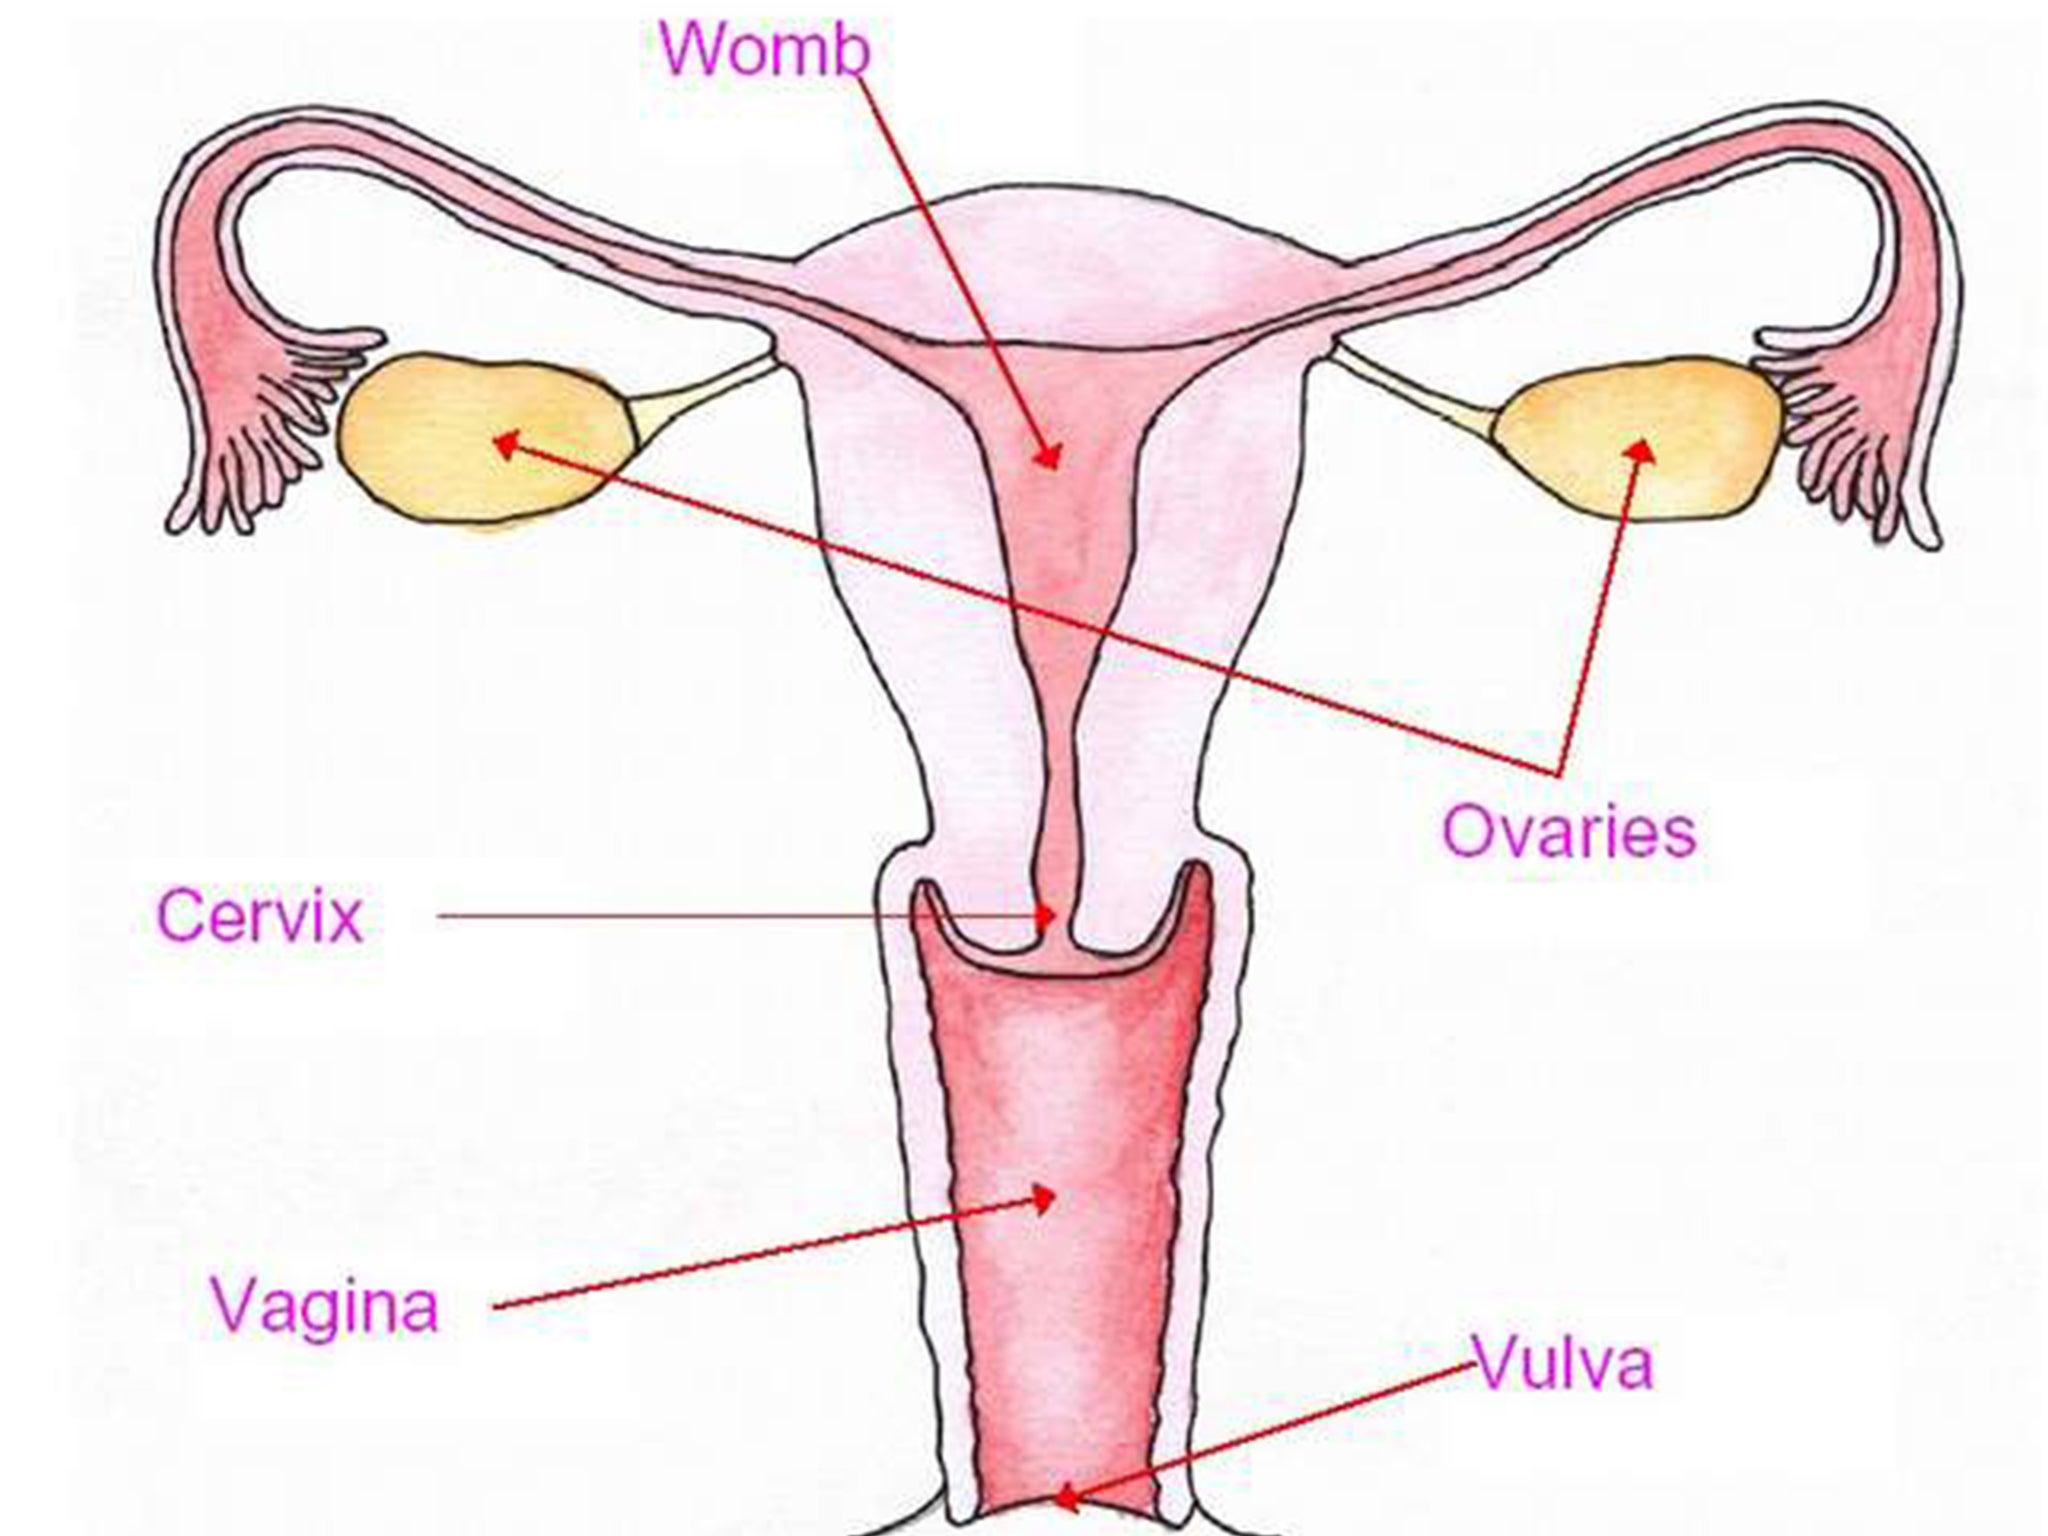 Фотографии вагин и только вагин 2 фотография